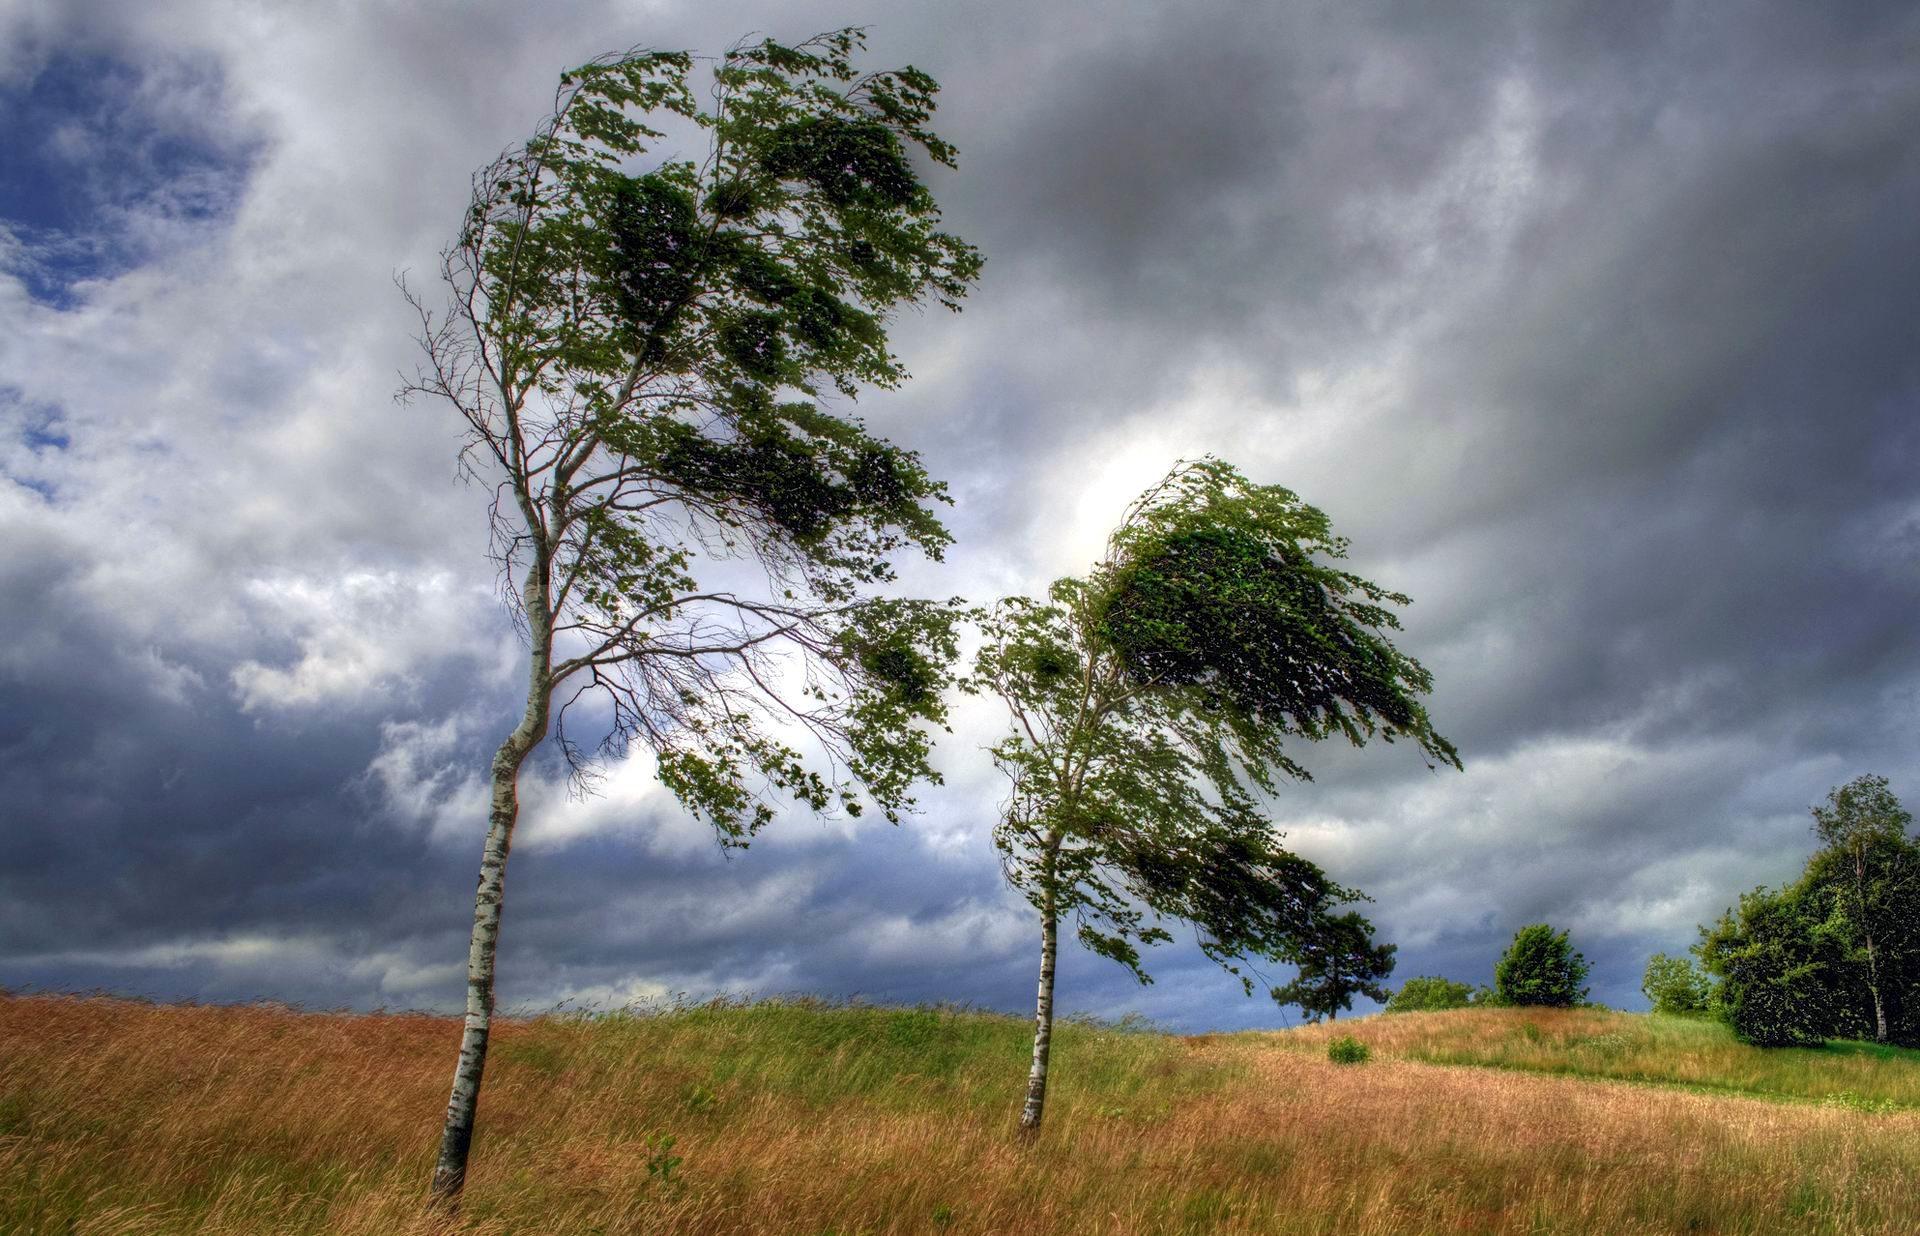 В Республике Марий Эл ожидается гроза и сильный ветер